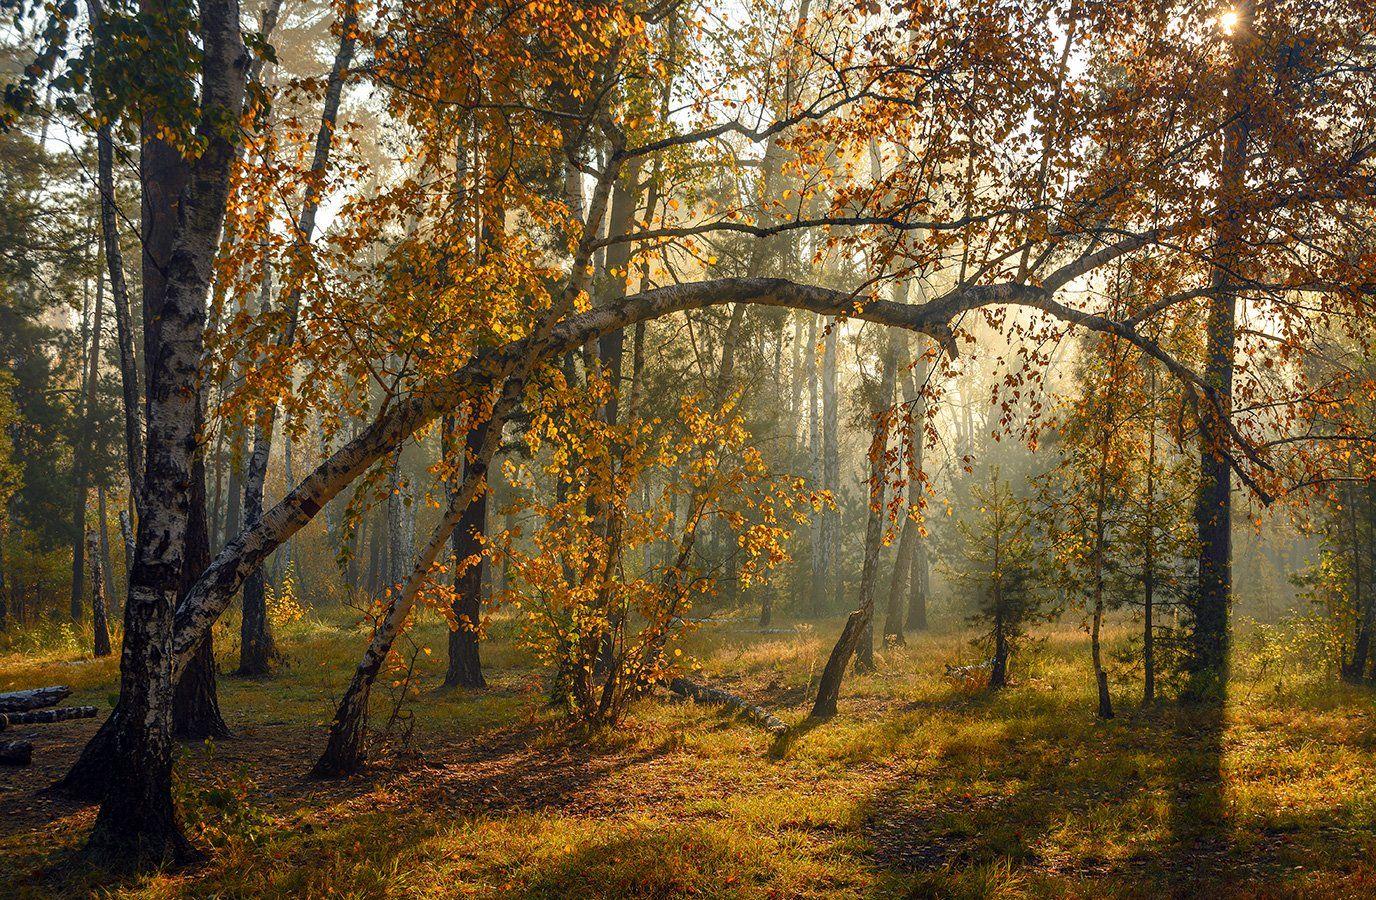 landscape, пейзаж, утро, лес, сосны, березы, деревья, солнечный свет,  солнце, природа, солнечные лучи,  прогулка, осень, осенние краски, осенние листья, осенние краски, Шерман Михаил